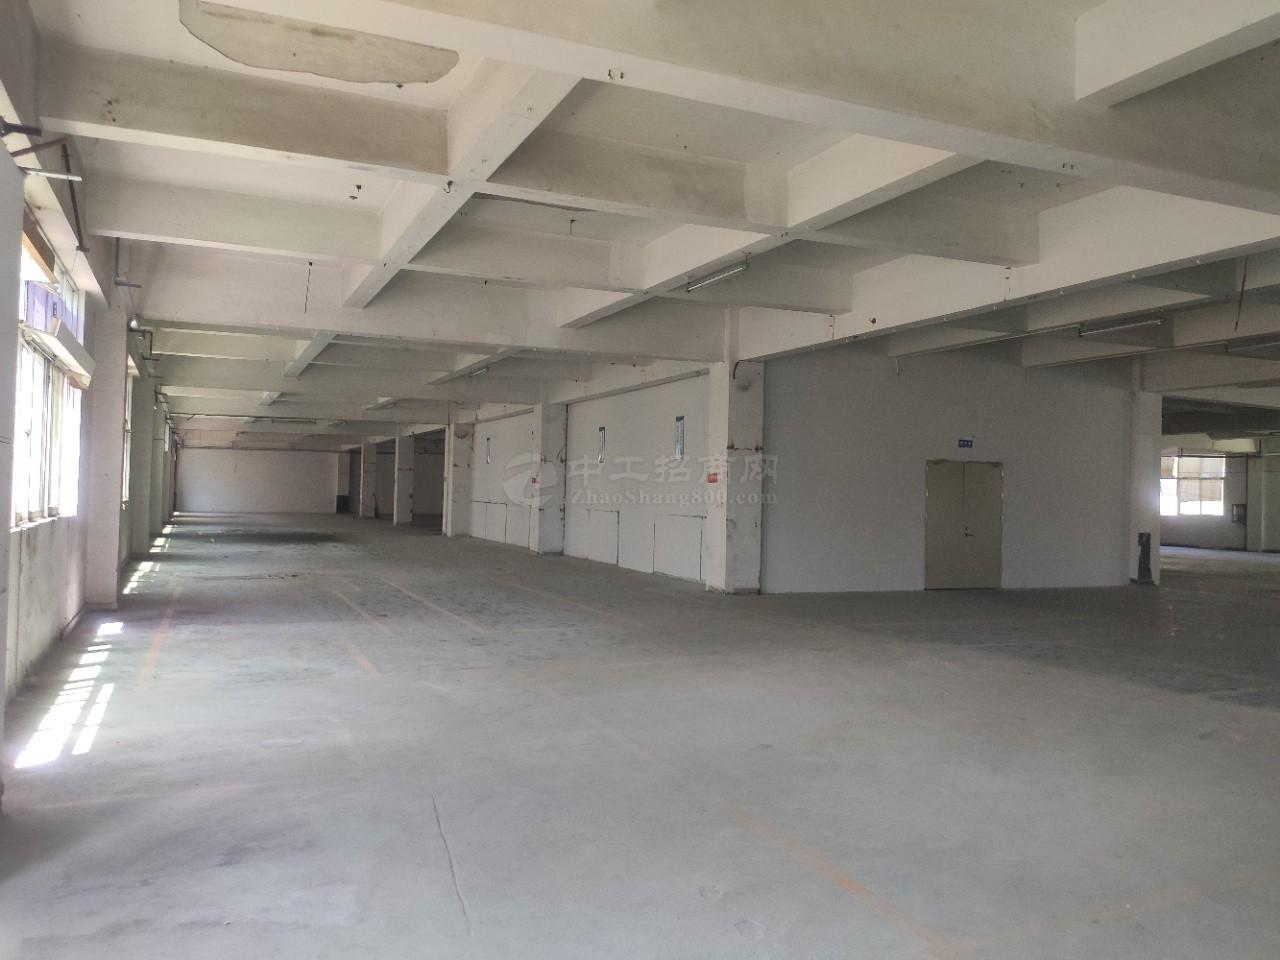 石岩仓库厂房有消防喷淋两部三吨电梯空地大交通便利